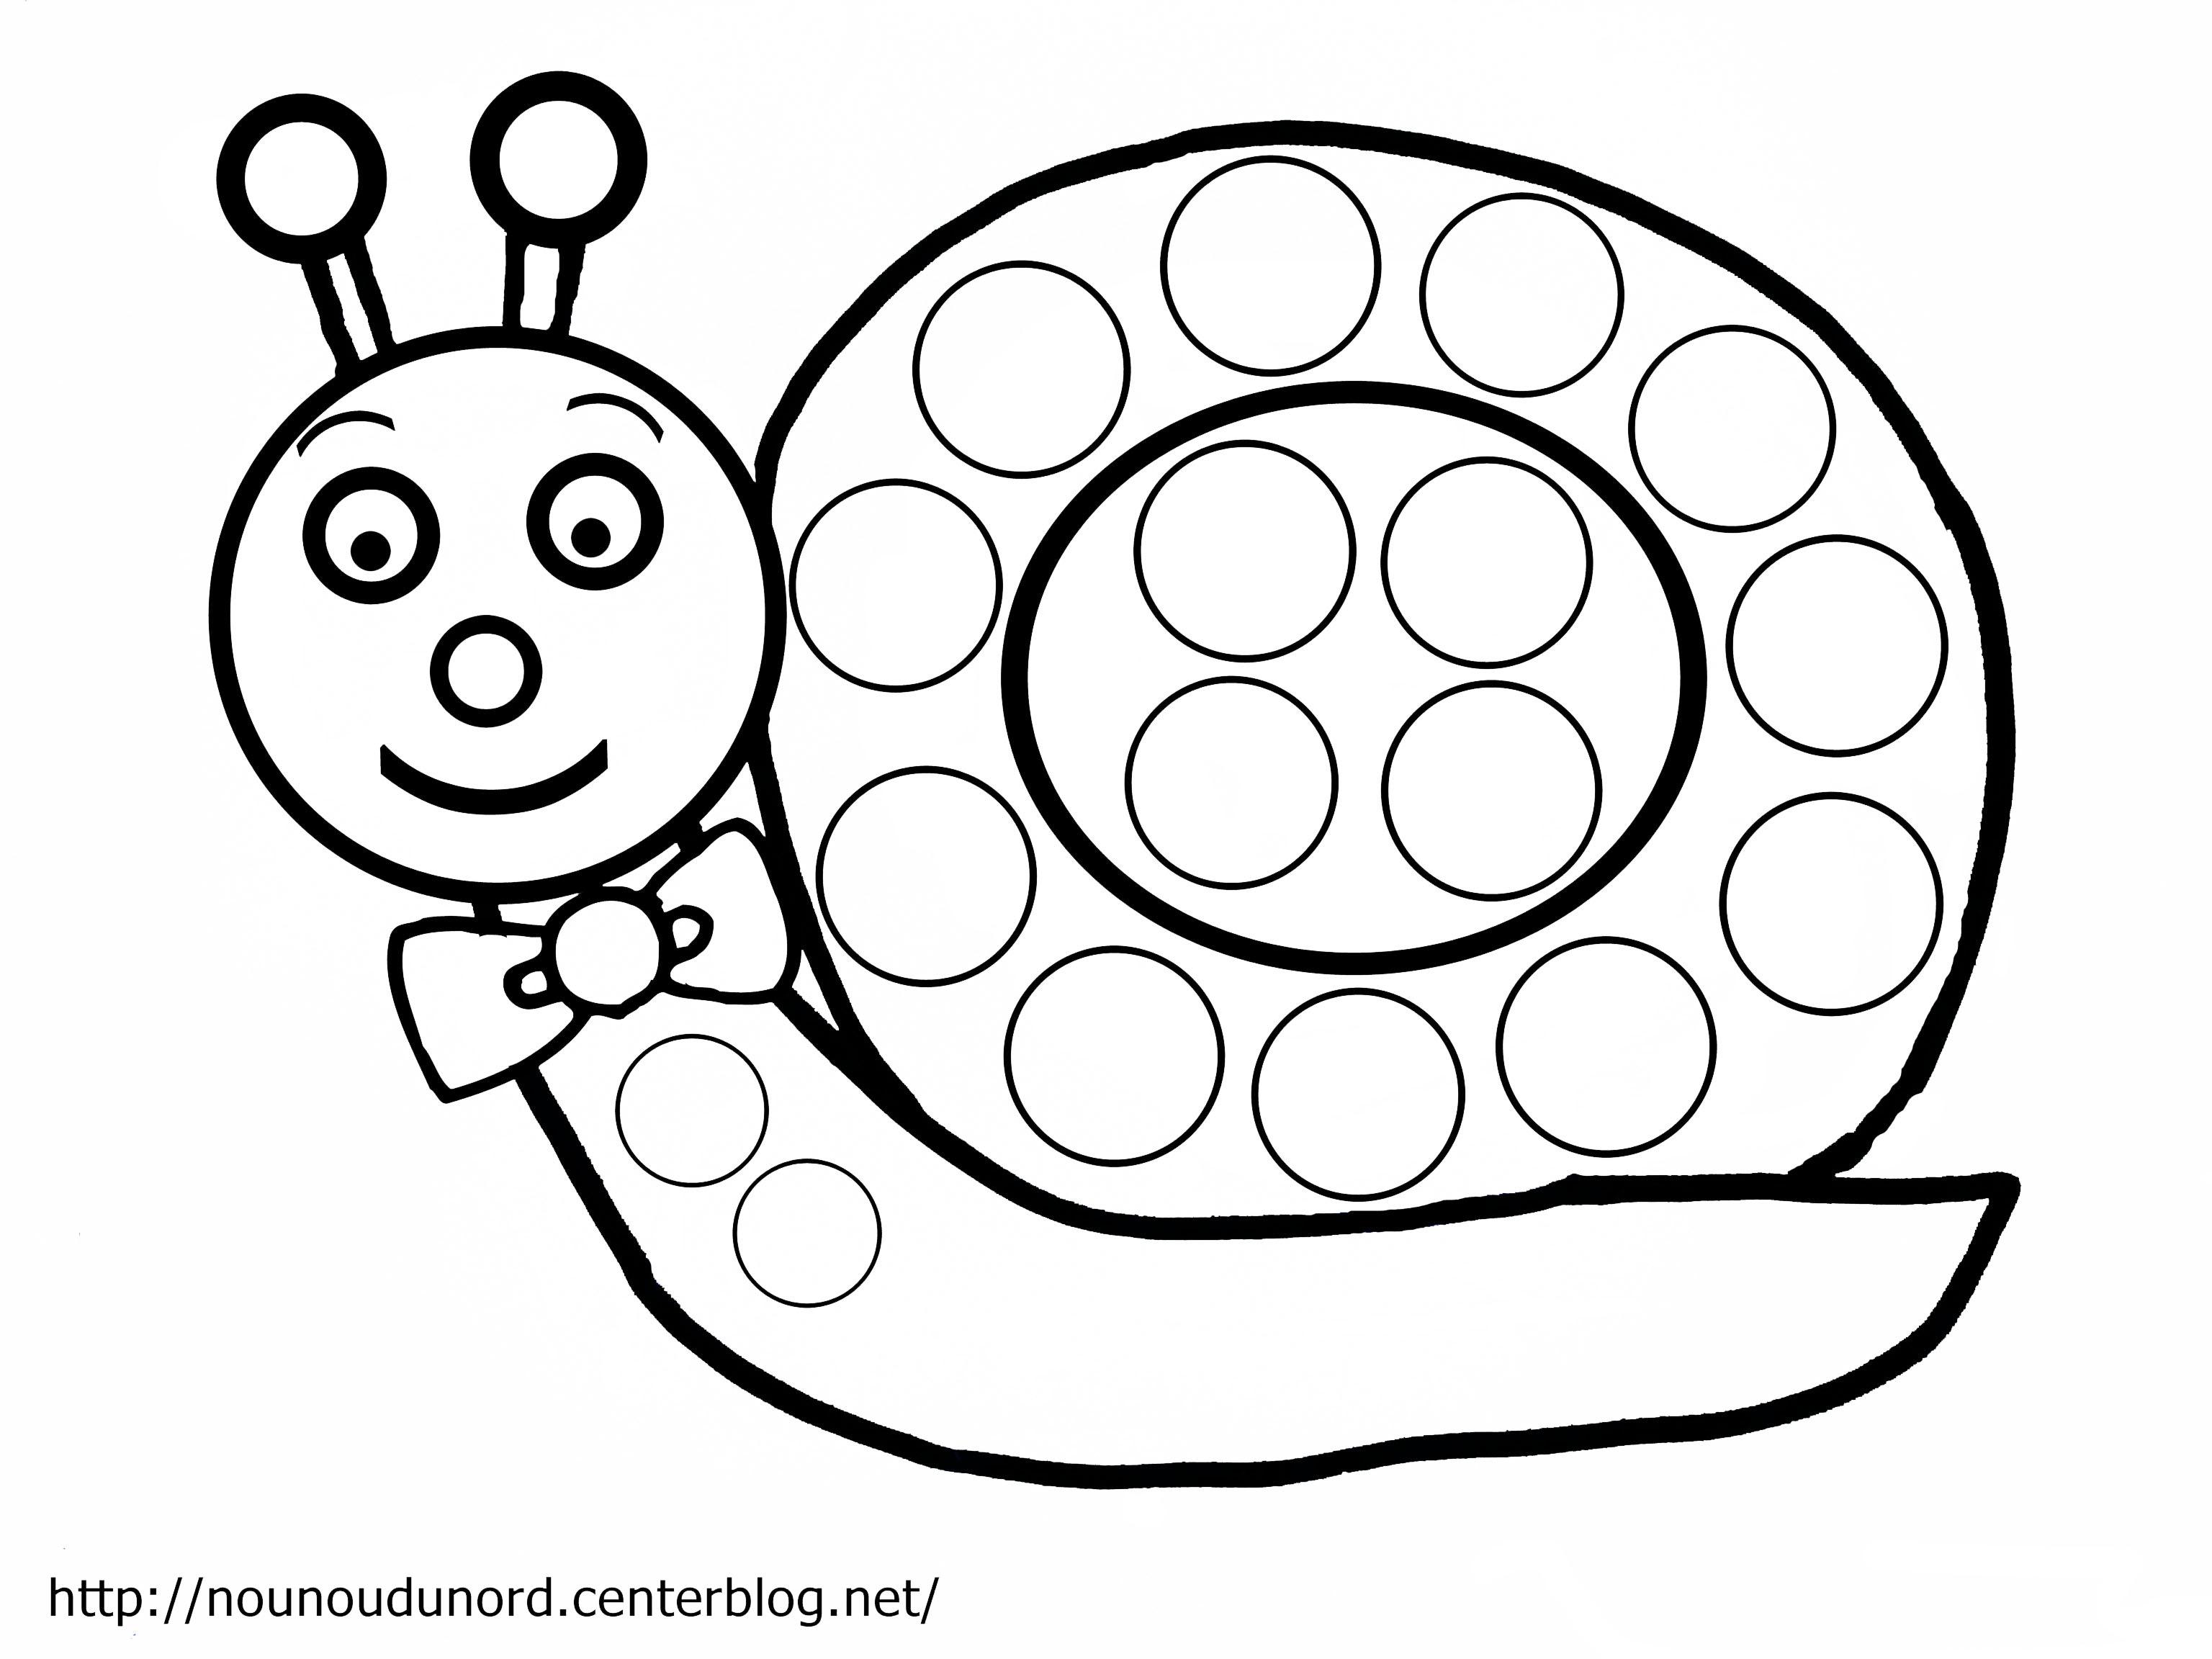 Coloriages À Imprimer : Escargot, Numéro : 671525 destiné Colorino A Imprimer